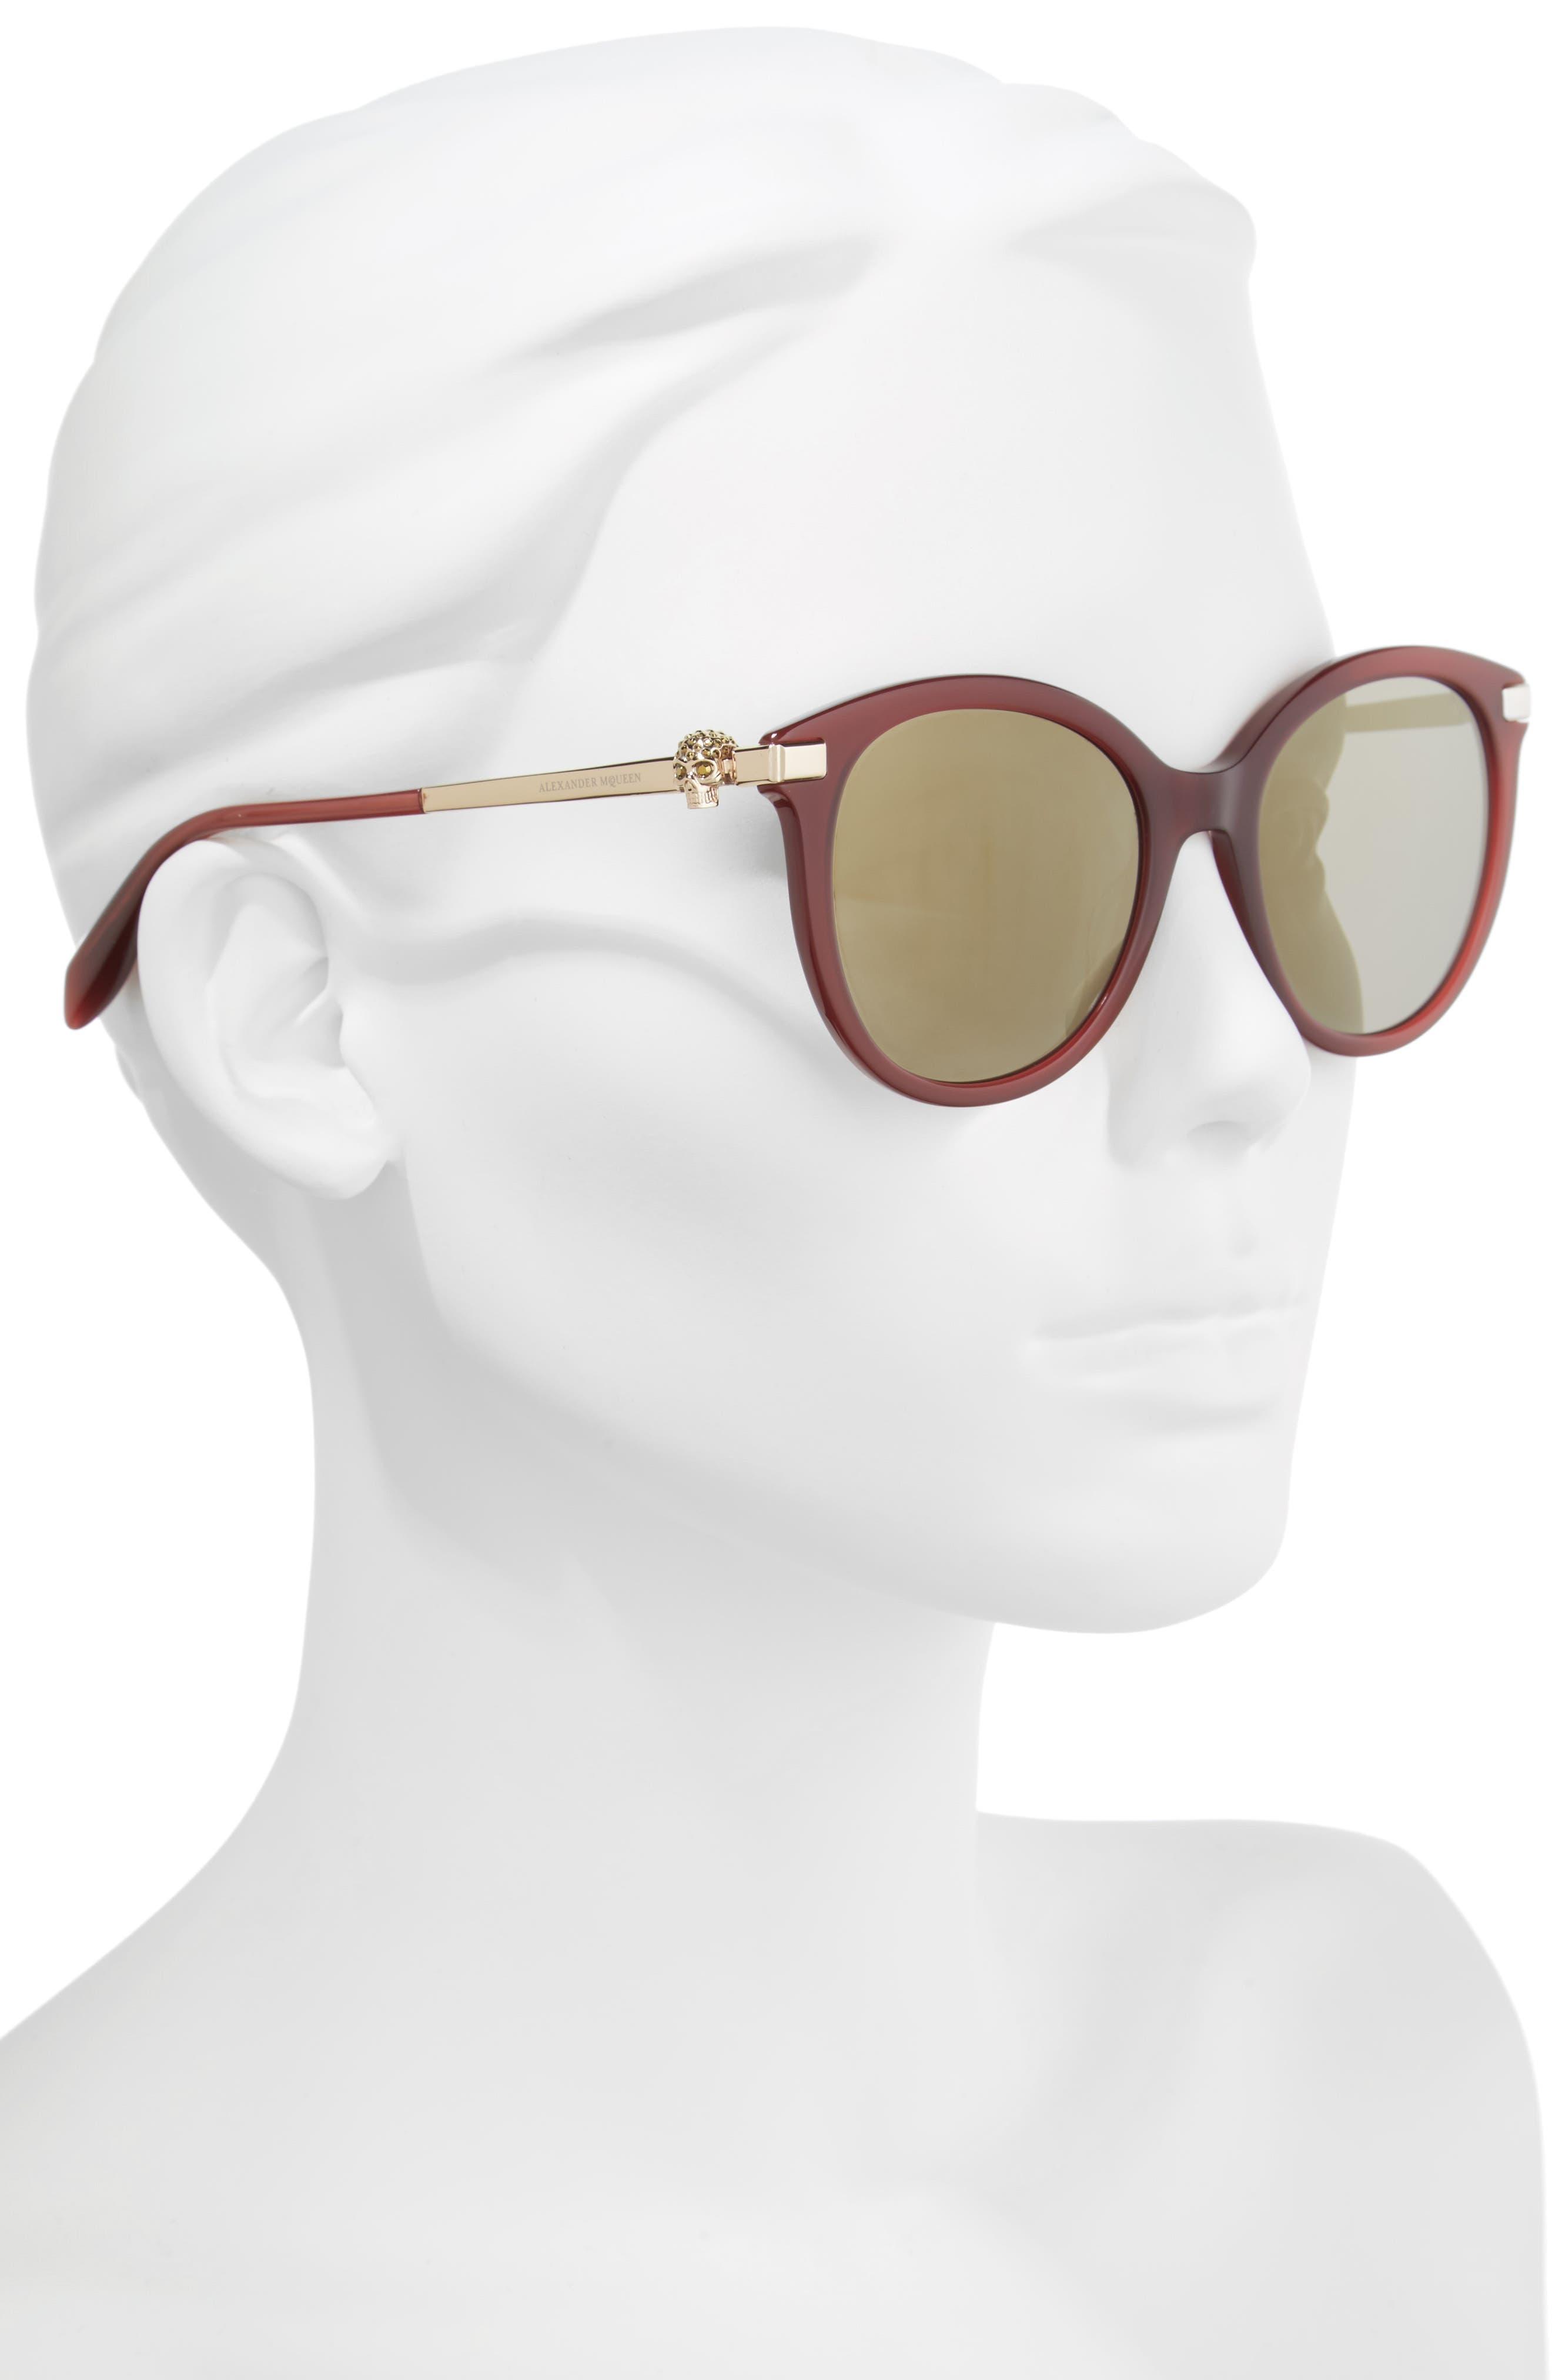 53mm Rounded Cat Eye Sunglasses,                             Alternate thumbnail 2, color,                             BURGUNDY